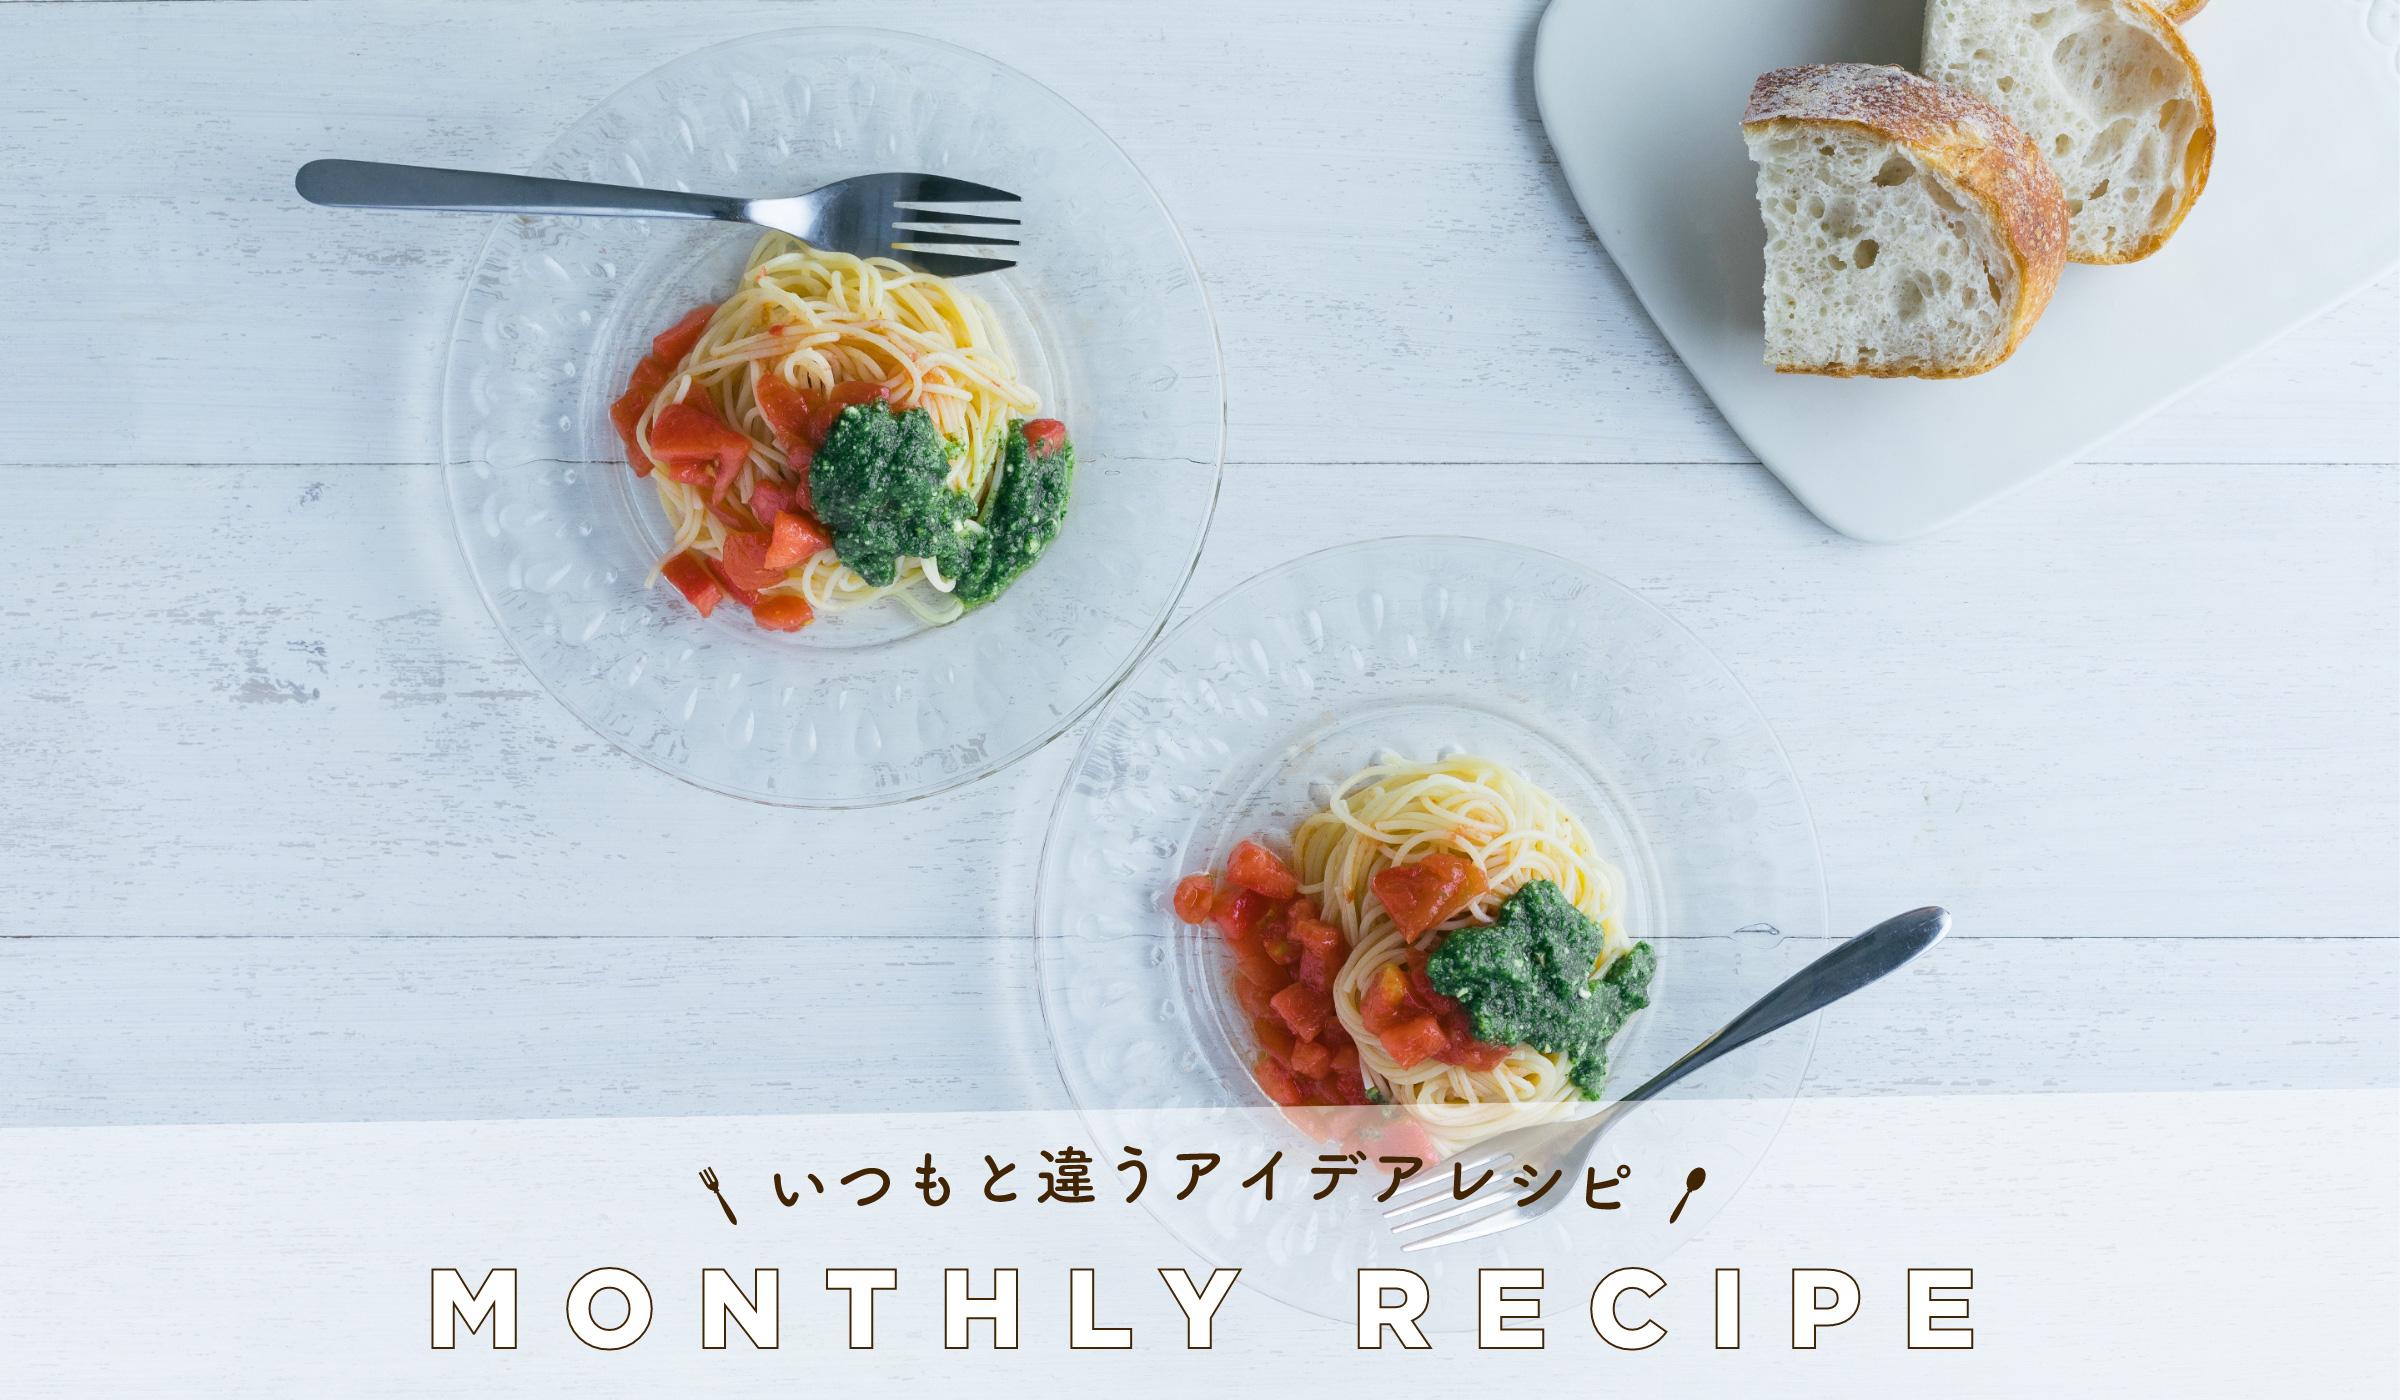 【Monthly RECIPE 7】トマトと大葉ジェノベーゼの冷製パスタ